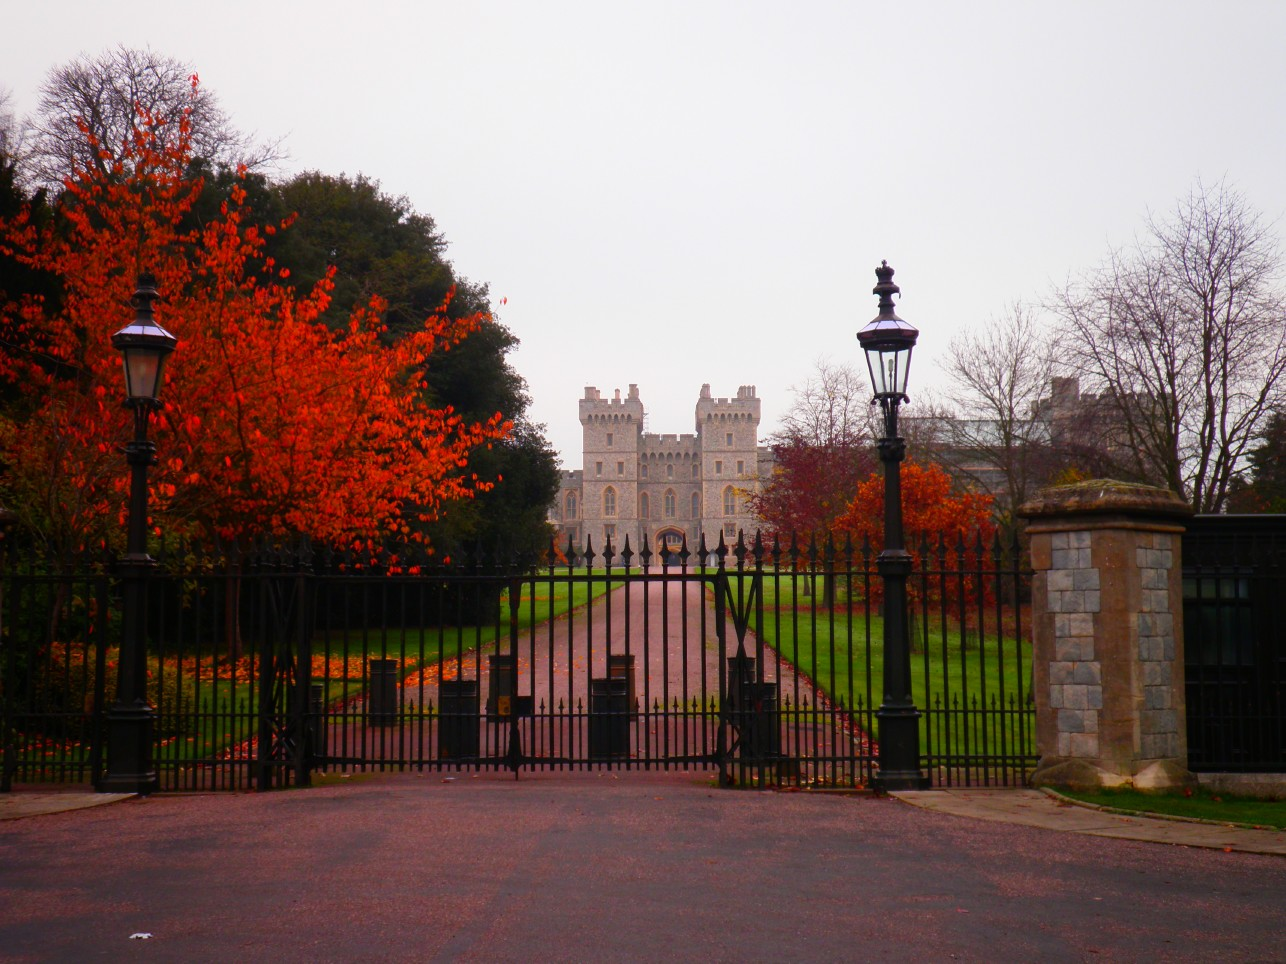 Windsor castle - Long Way